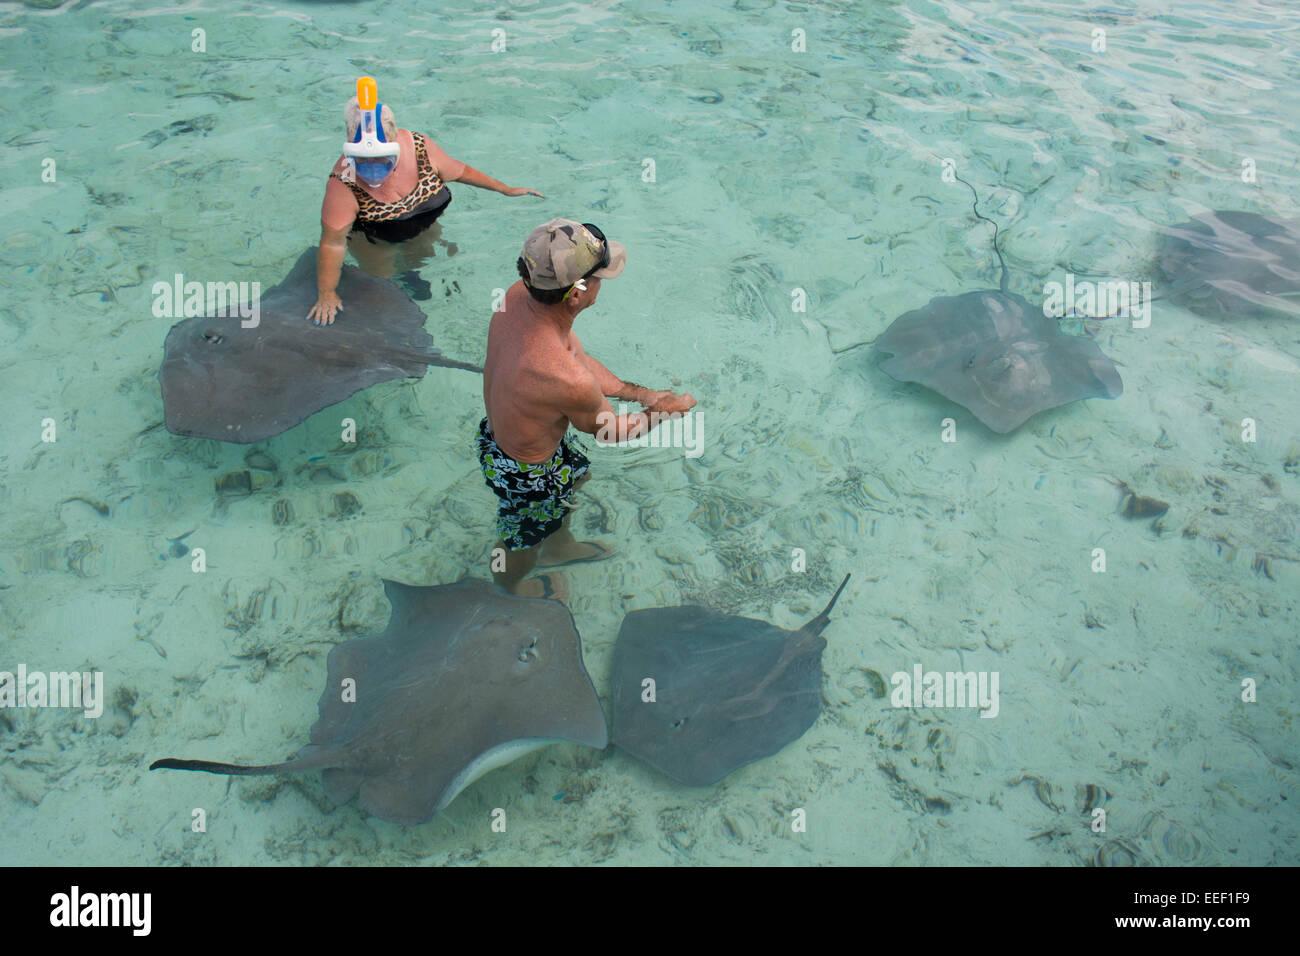 Snorkeling bora bora immagini snorkeling bora bora fotos - Bagno con gli squali sudafrica ...